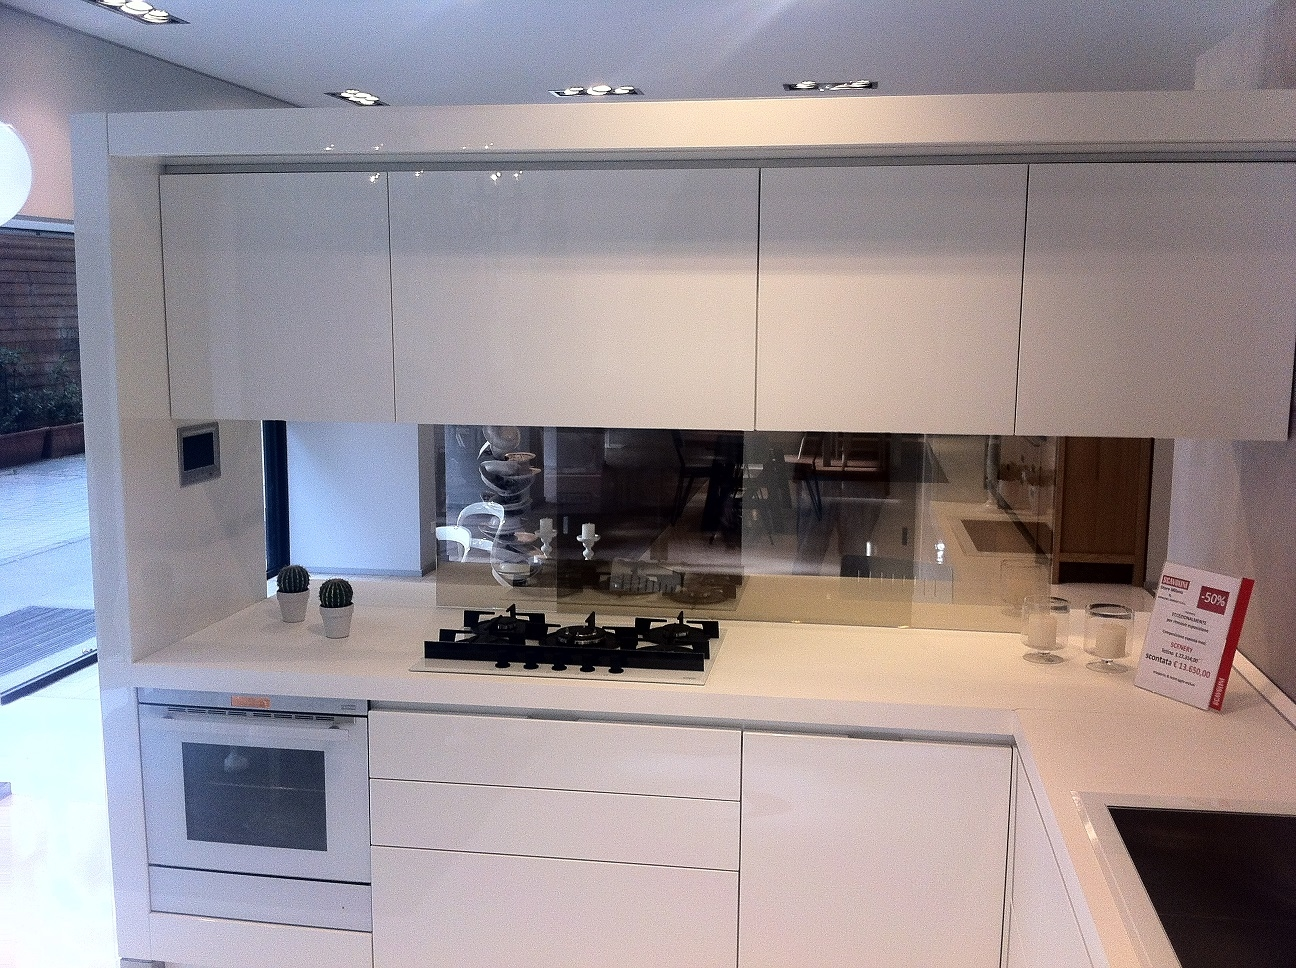 Cucine scavolini roma prezzi idee per il design della casa - Cucine outlet roma ...